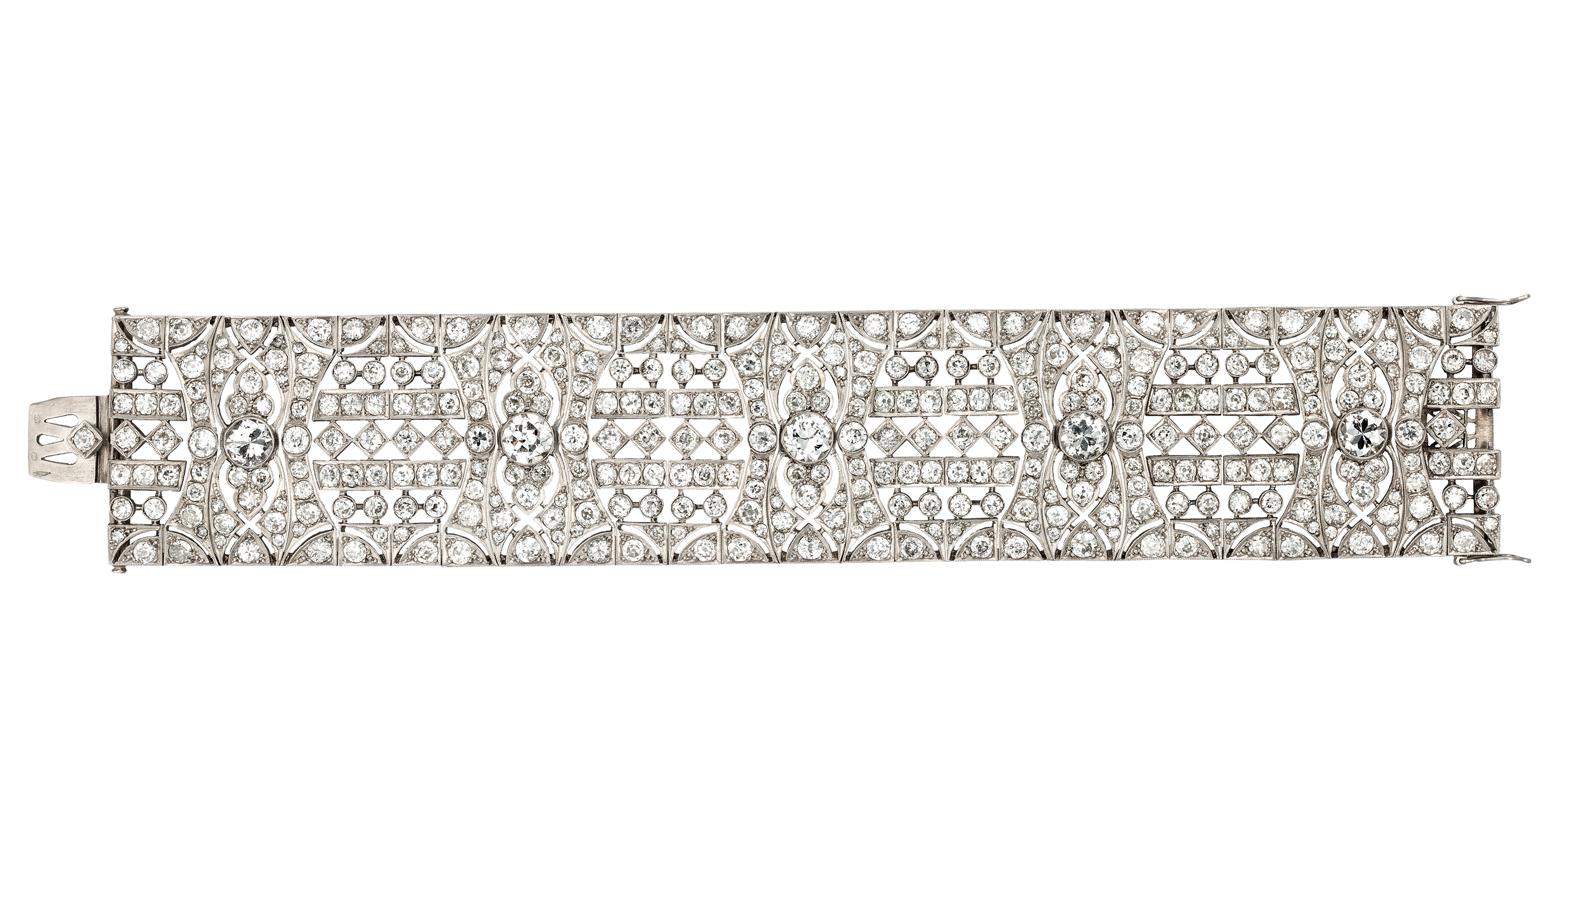 8. kép: Art deco platina karkötő 35 karátnyi briliánssal